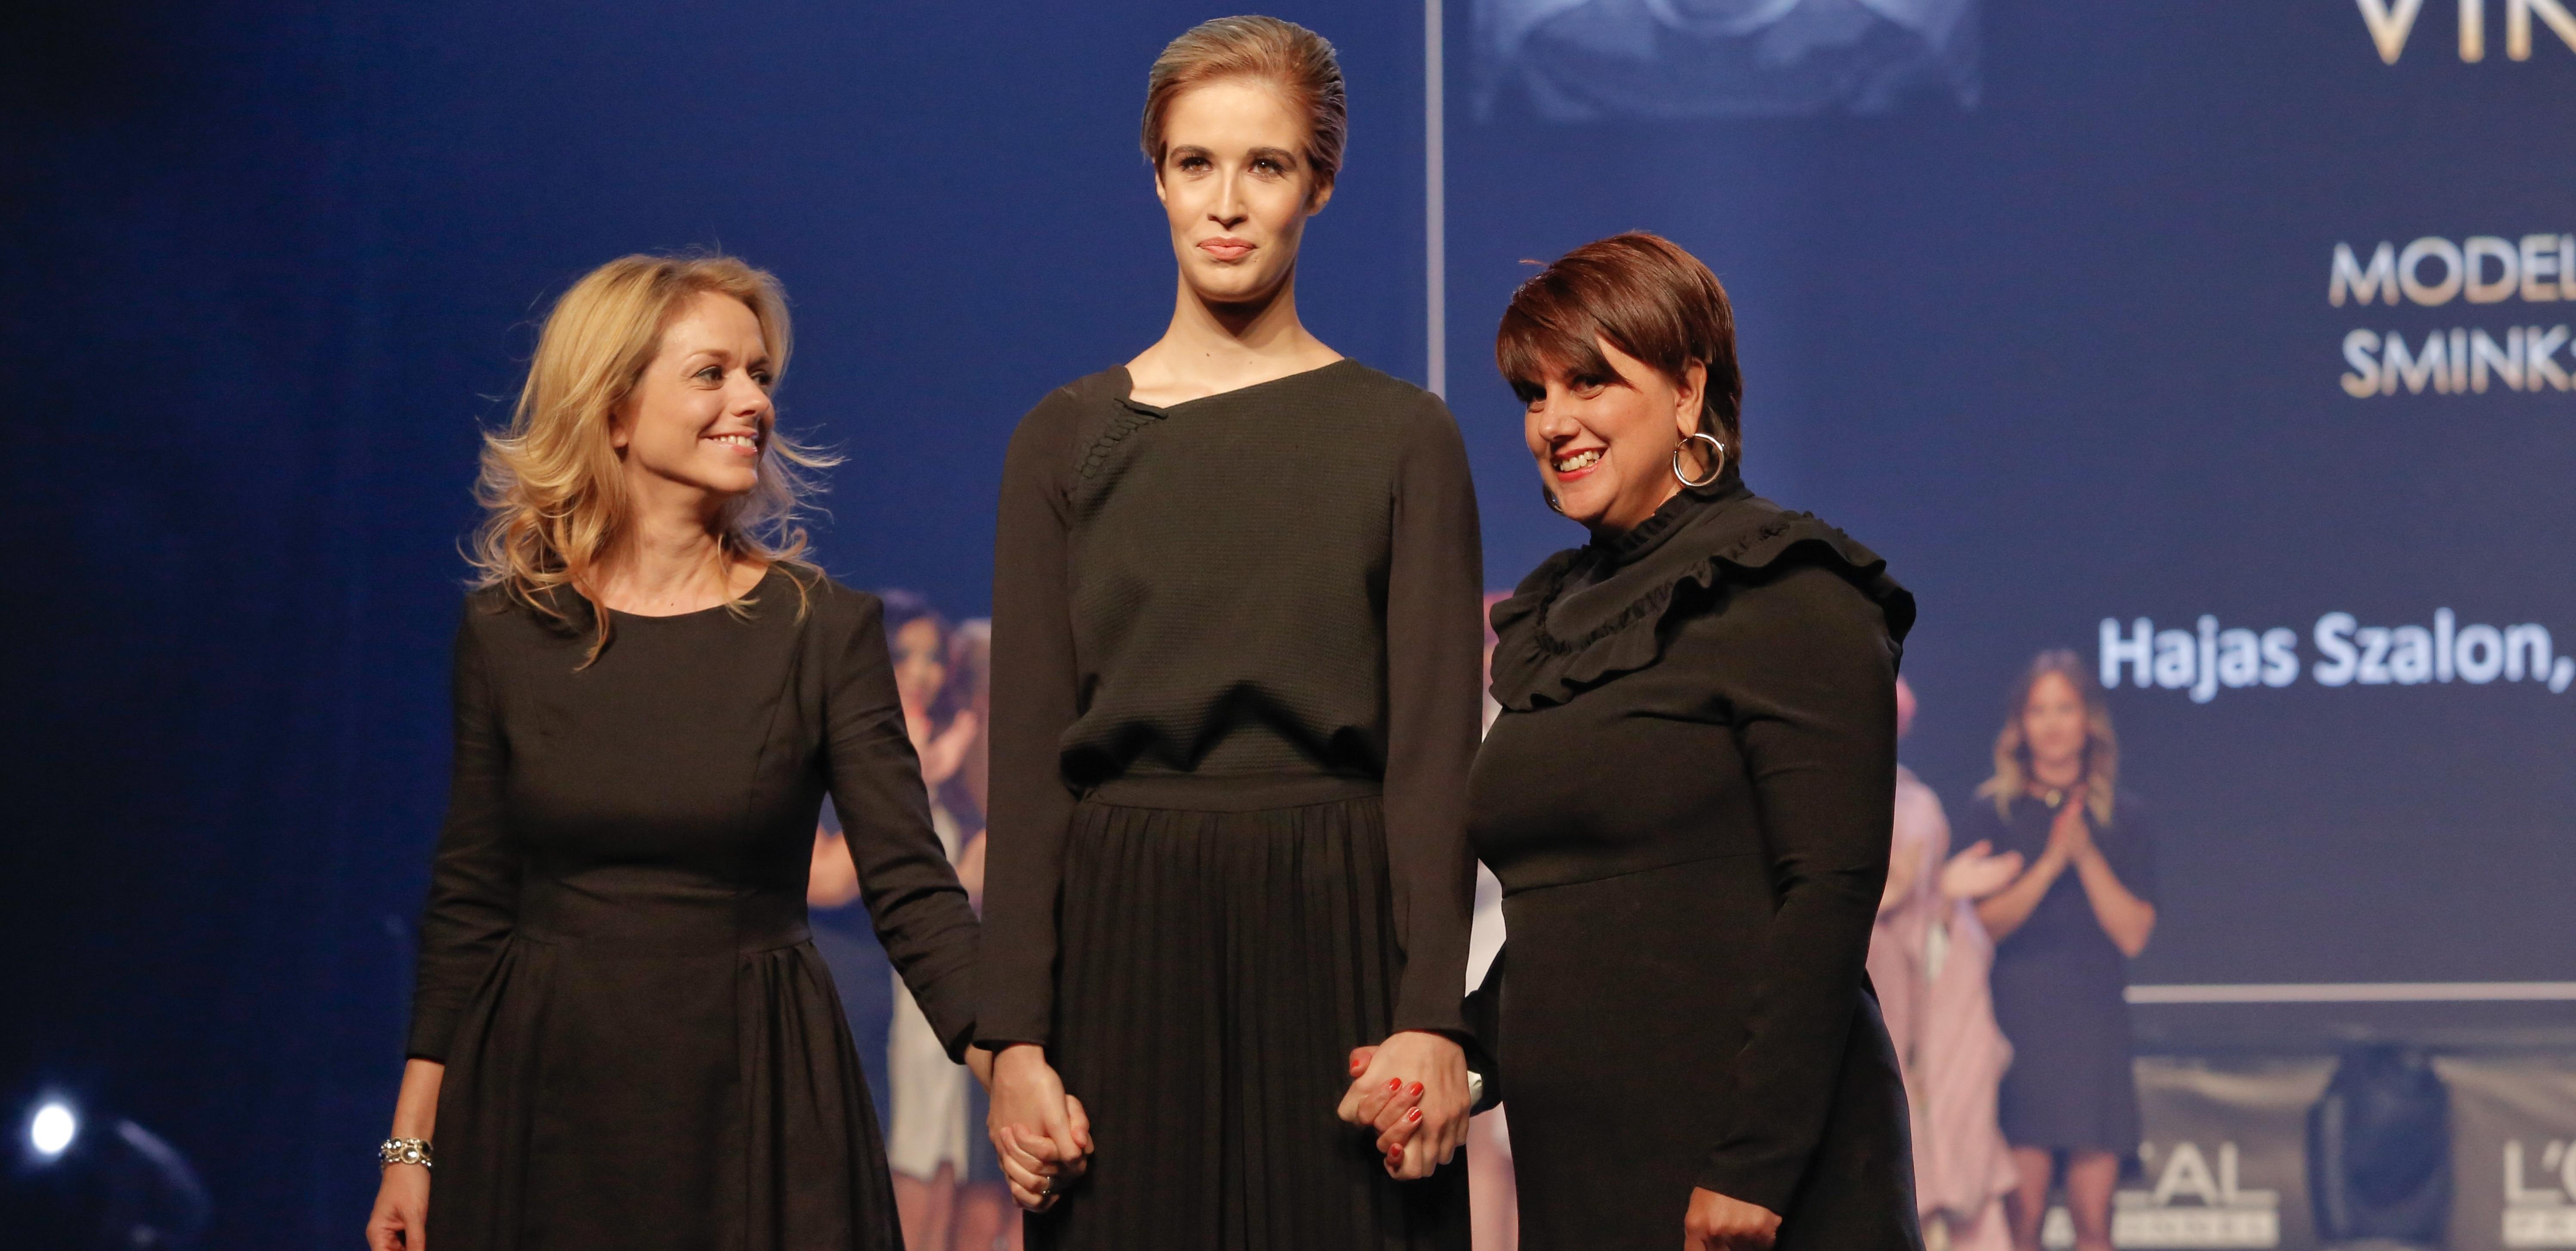 A L'Oréal STYLE & COLOUR Trophy fodrászverseny jelentkezési időszakában megfogalmazódott bennünk a kérdés: vajon mire van szükség az eredményes szerepléshez? Erről Veszelovszky Viktóriát, a verseny tavalyi döntősét kérdeztük, aki Lisszabonban képviselte Magyarországot.